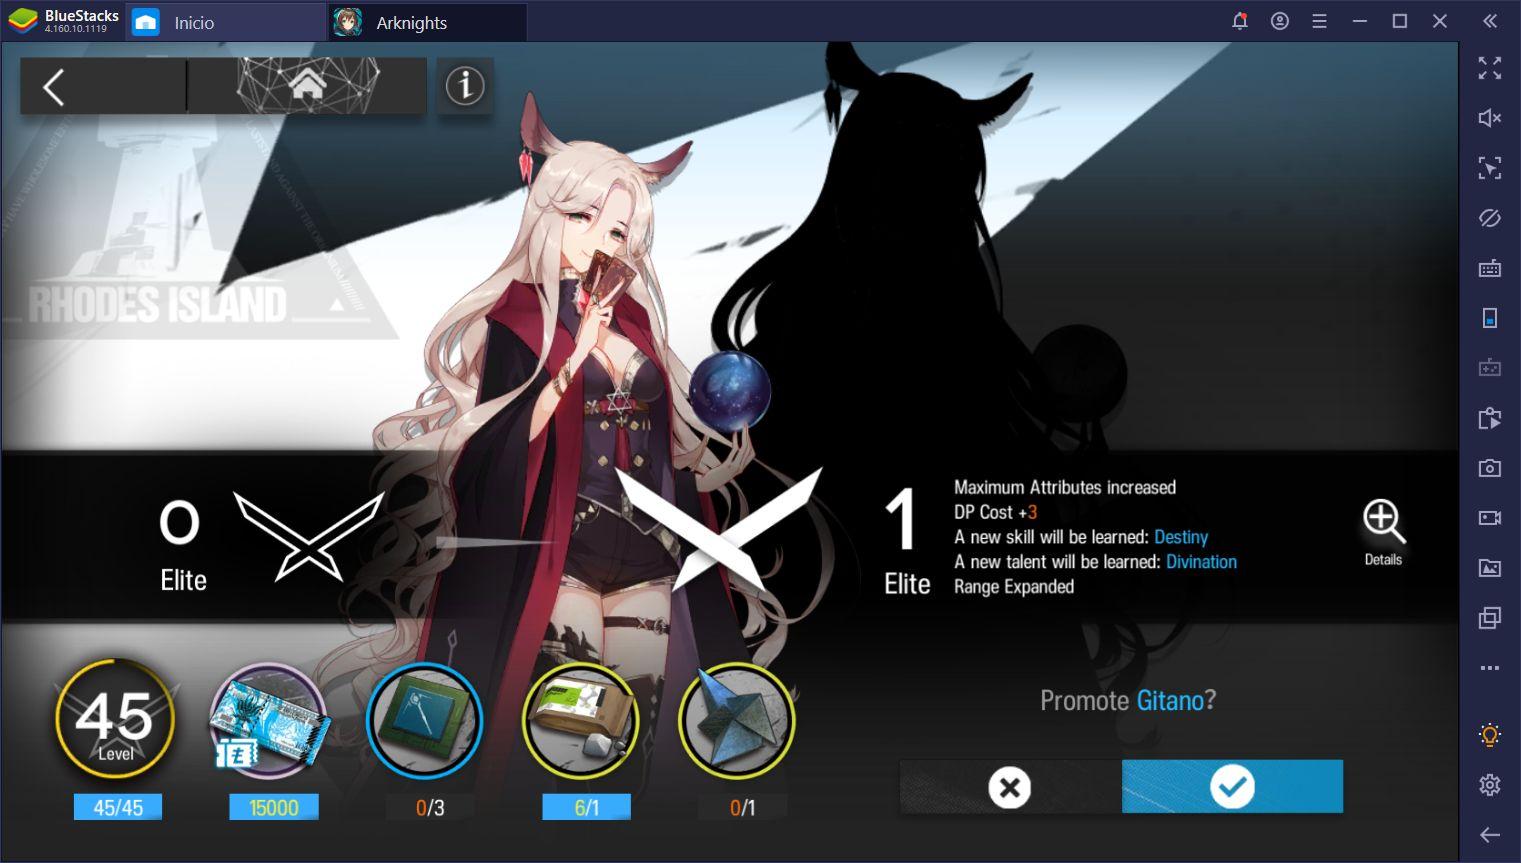 Arknights en PC - Cómo Mejorar a tus Personajes